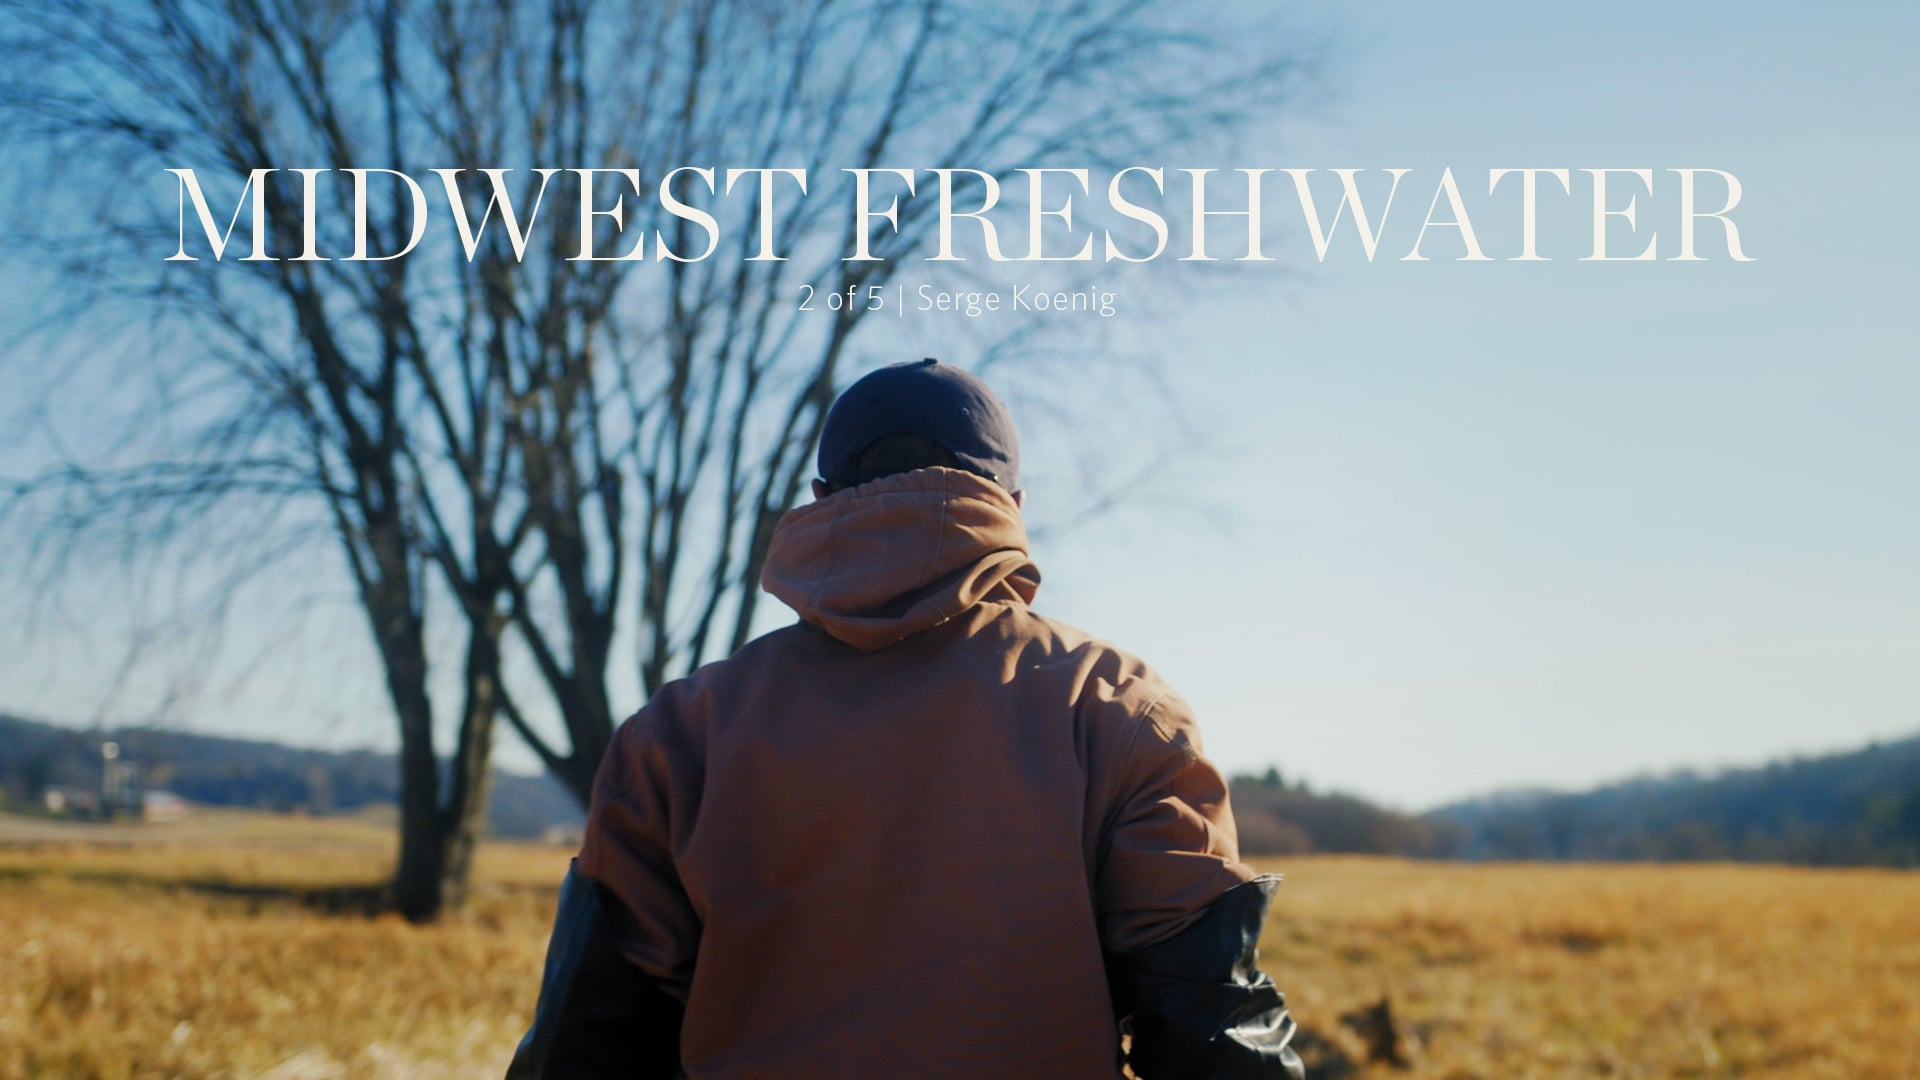 Midwest Freshwater | Serge Koenig